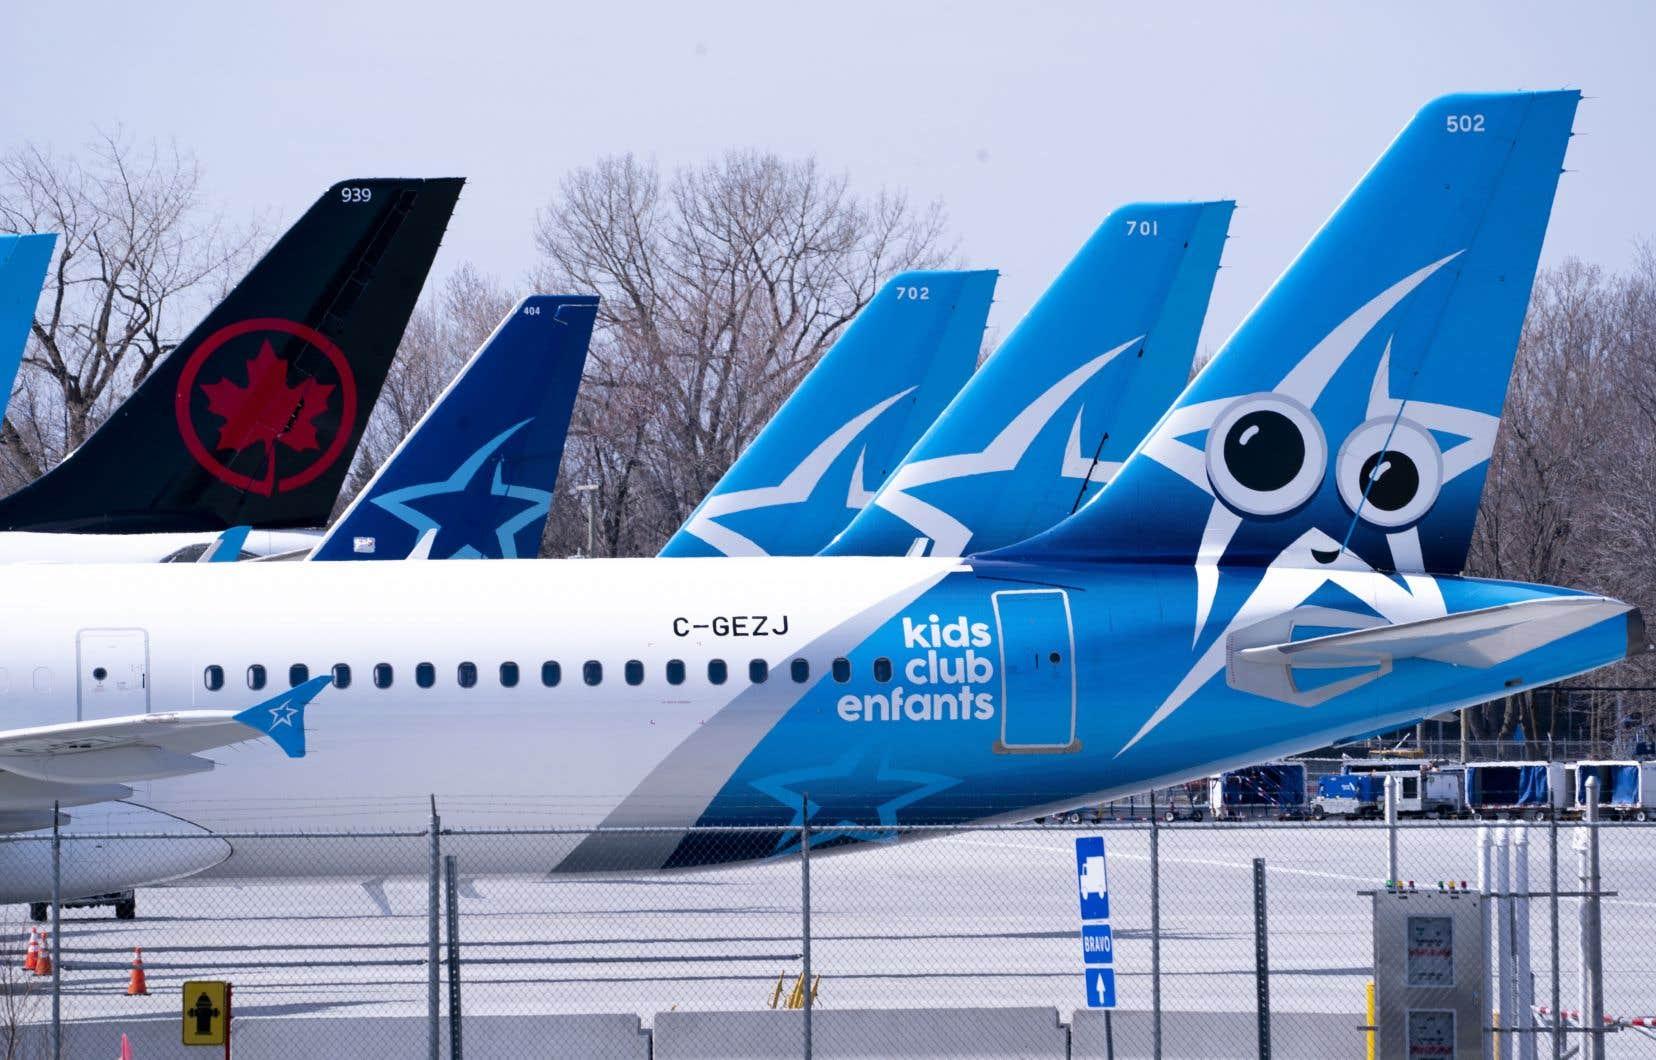 L'analyse préliminaire de la Commission soulignait notamment que la concurrence pourrait s'amenuiser sur 33 liaisons entre le Canada et le Vieux Continent si Air Canada devait acquérir le voyagiste québécois.